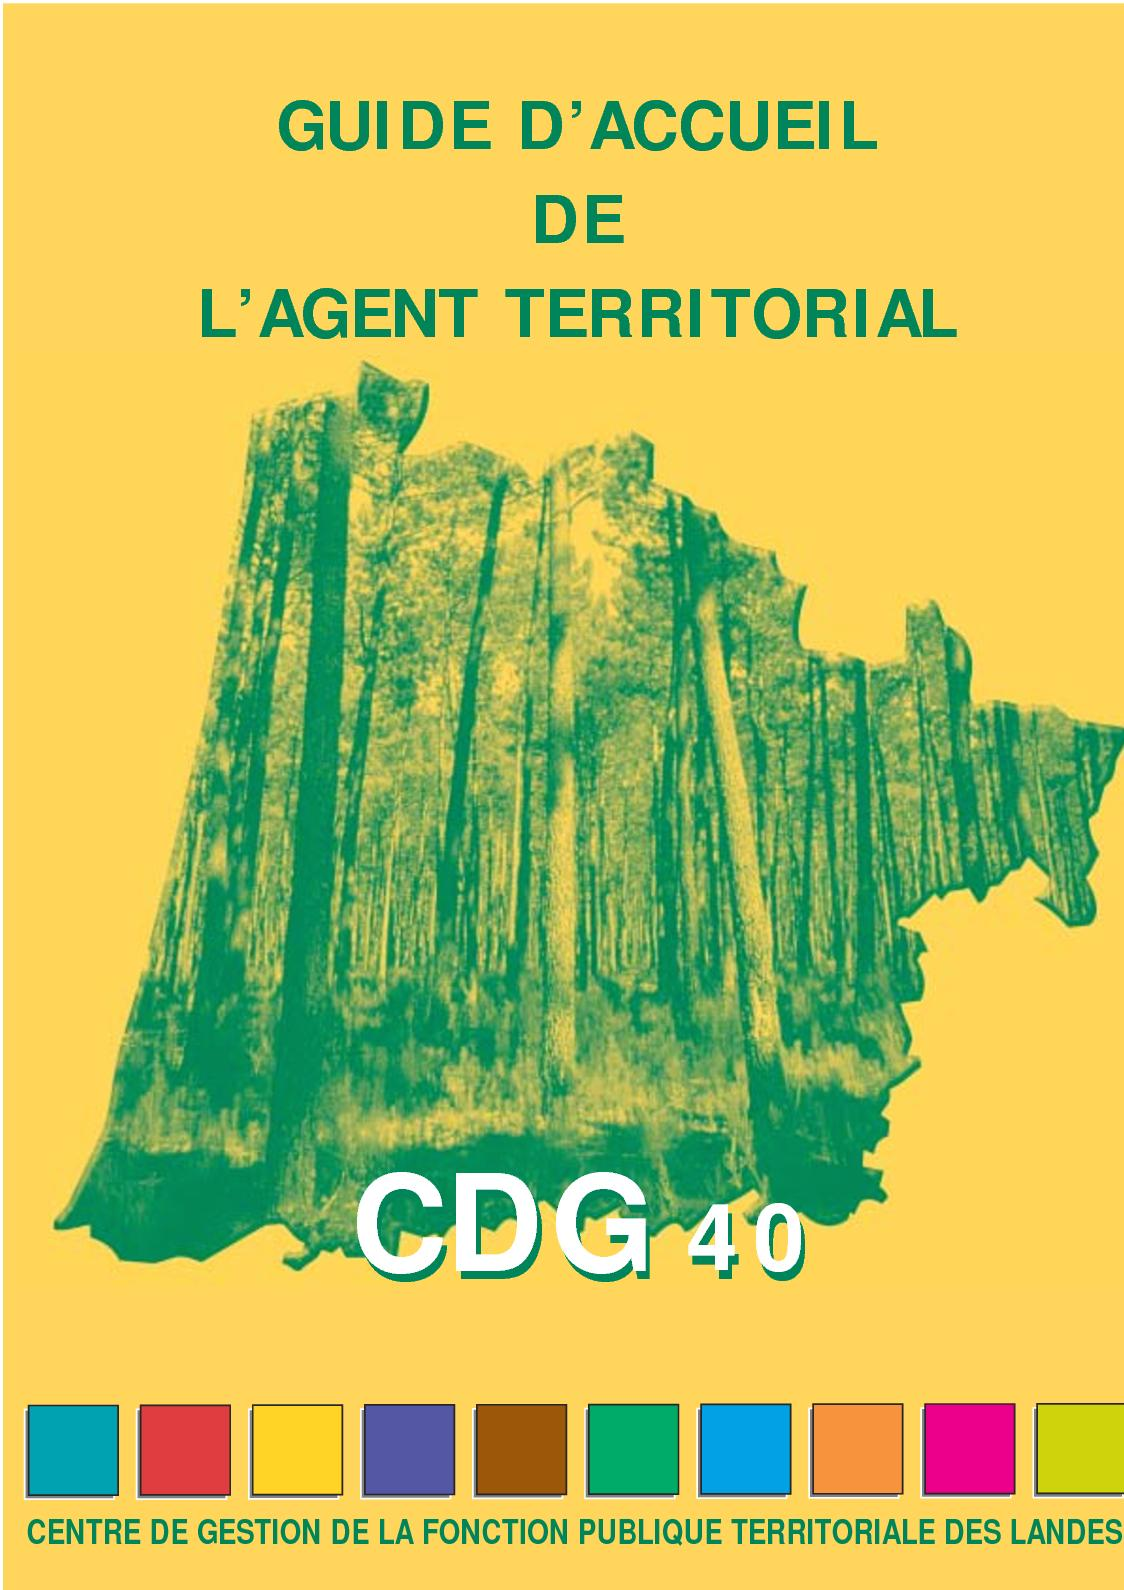 dd0b2160b99 Calaméo - Autre Livret Accueil Cdg 40